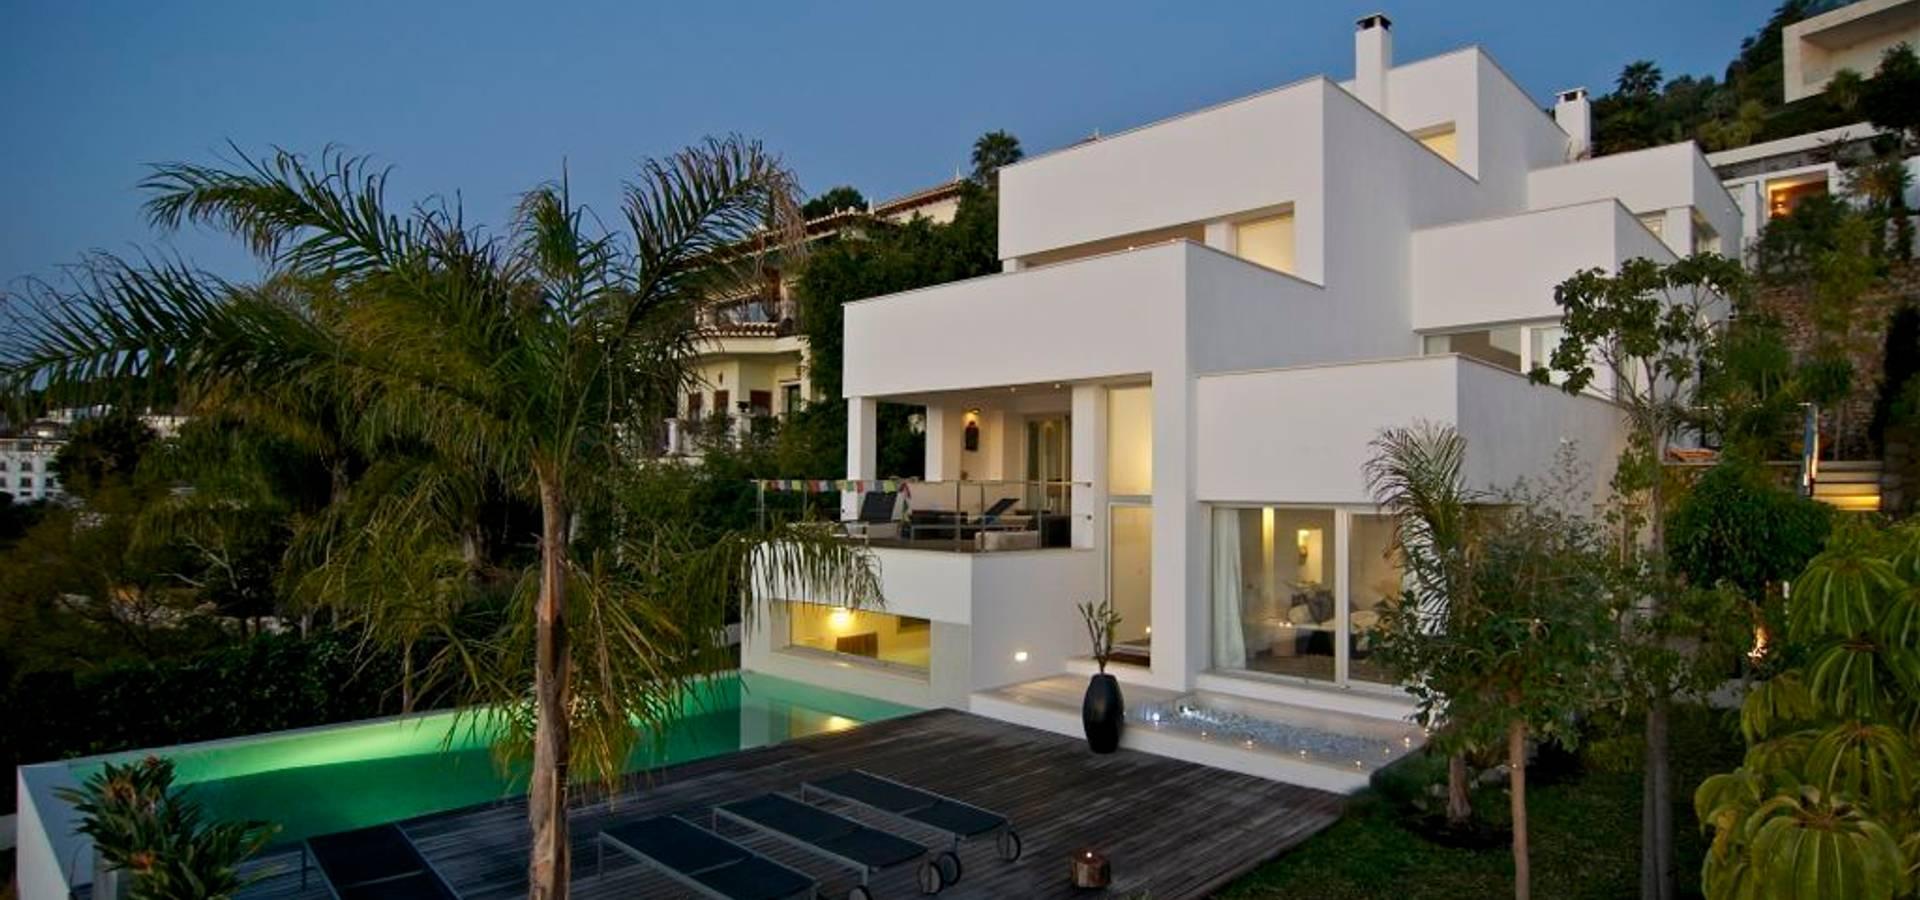 SH asociados—arquitectura y diseño